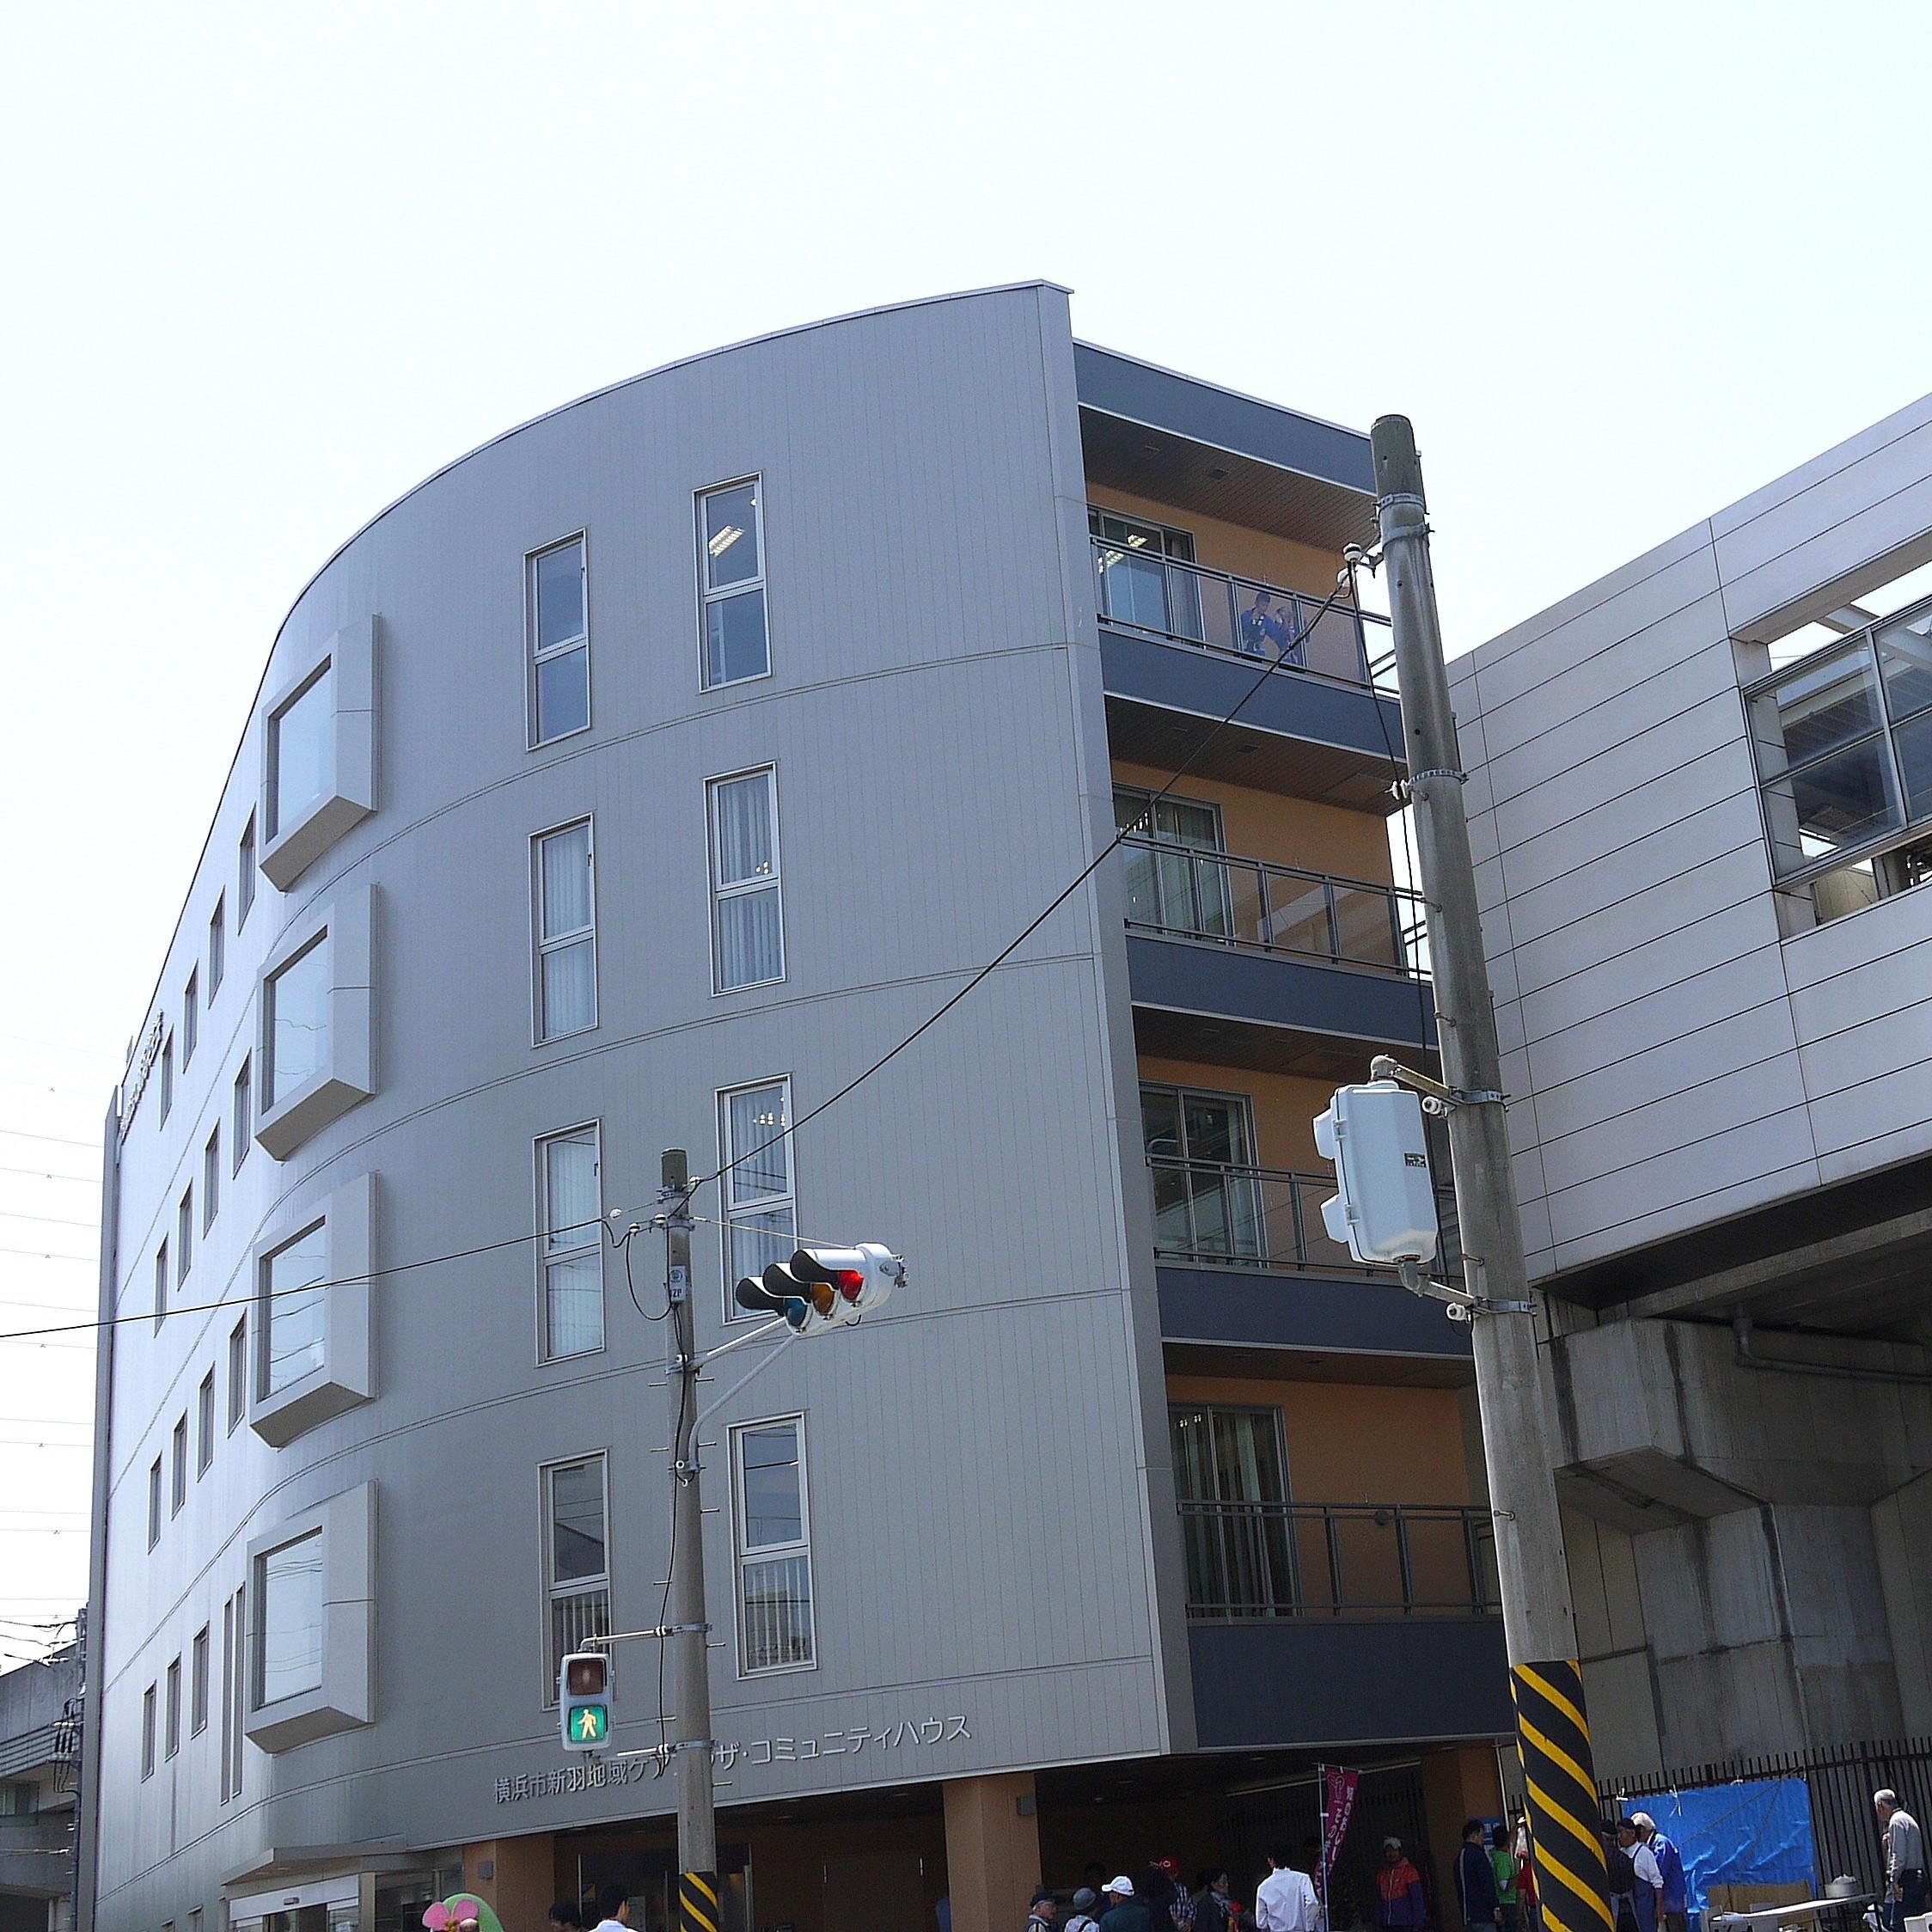 新羽地域ケアプラザ・コミュニティハウス (@nippa_cp_ch) | Twitter